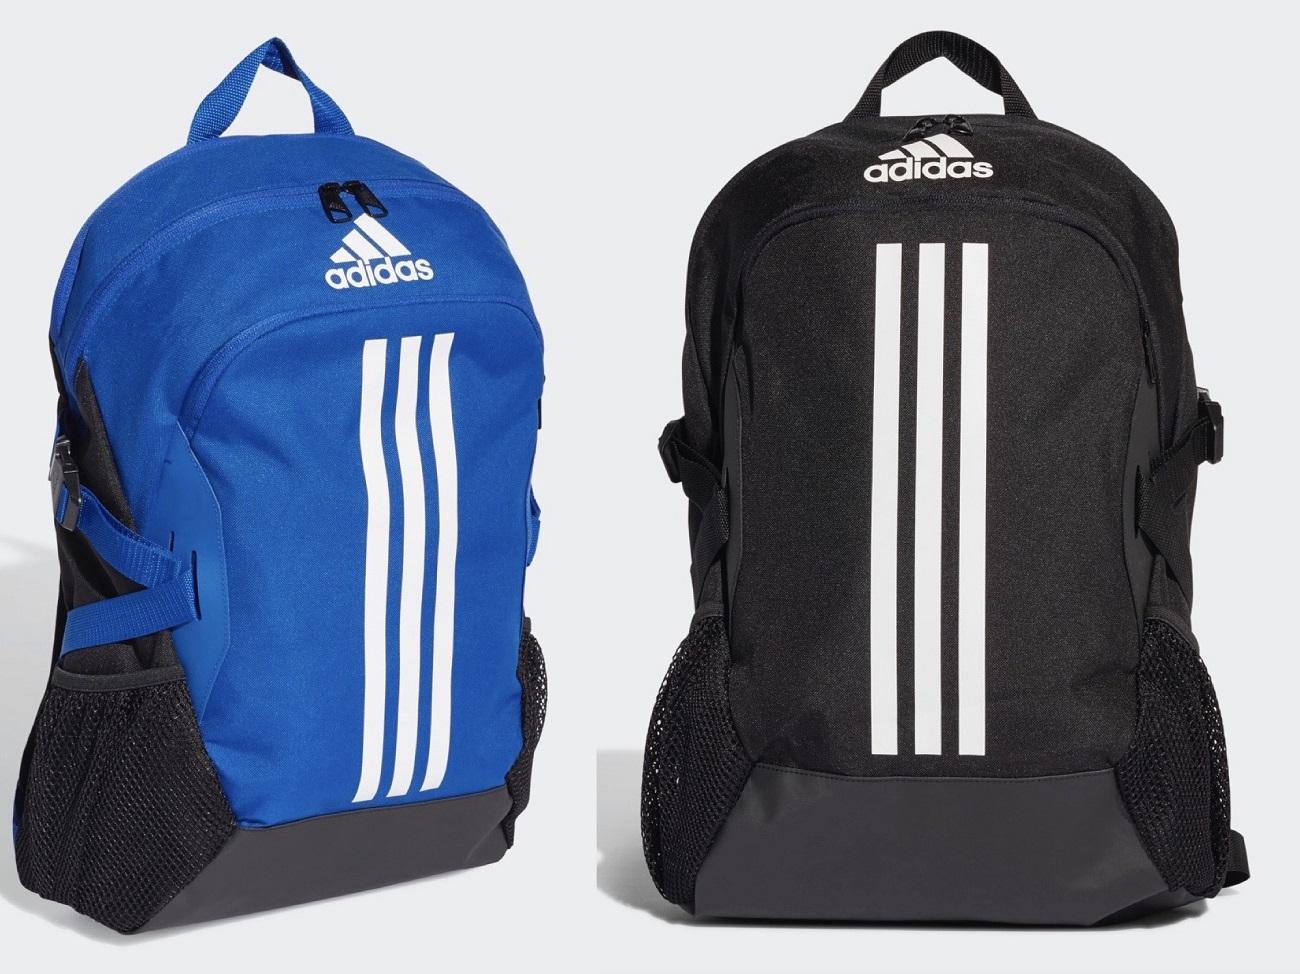 Športový batoh / ruksak ADIDAS Power 5 Autumn / Winter 2020/21 Adidas